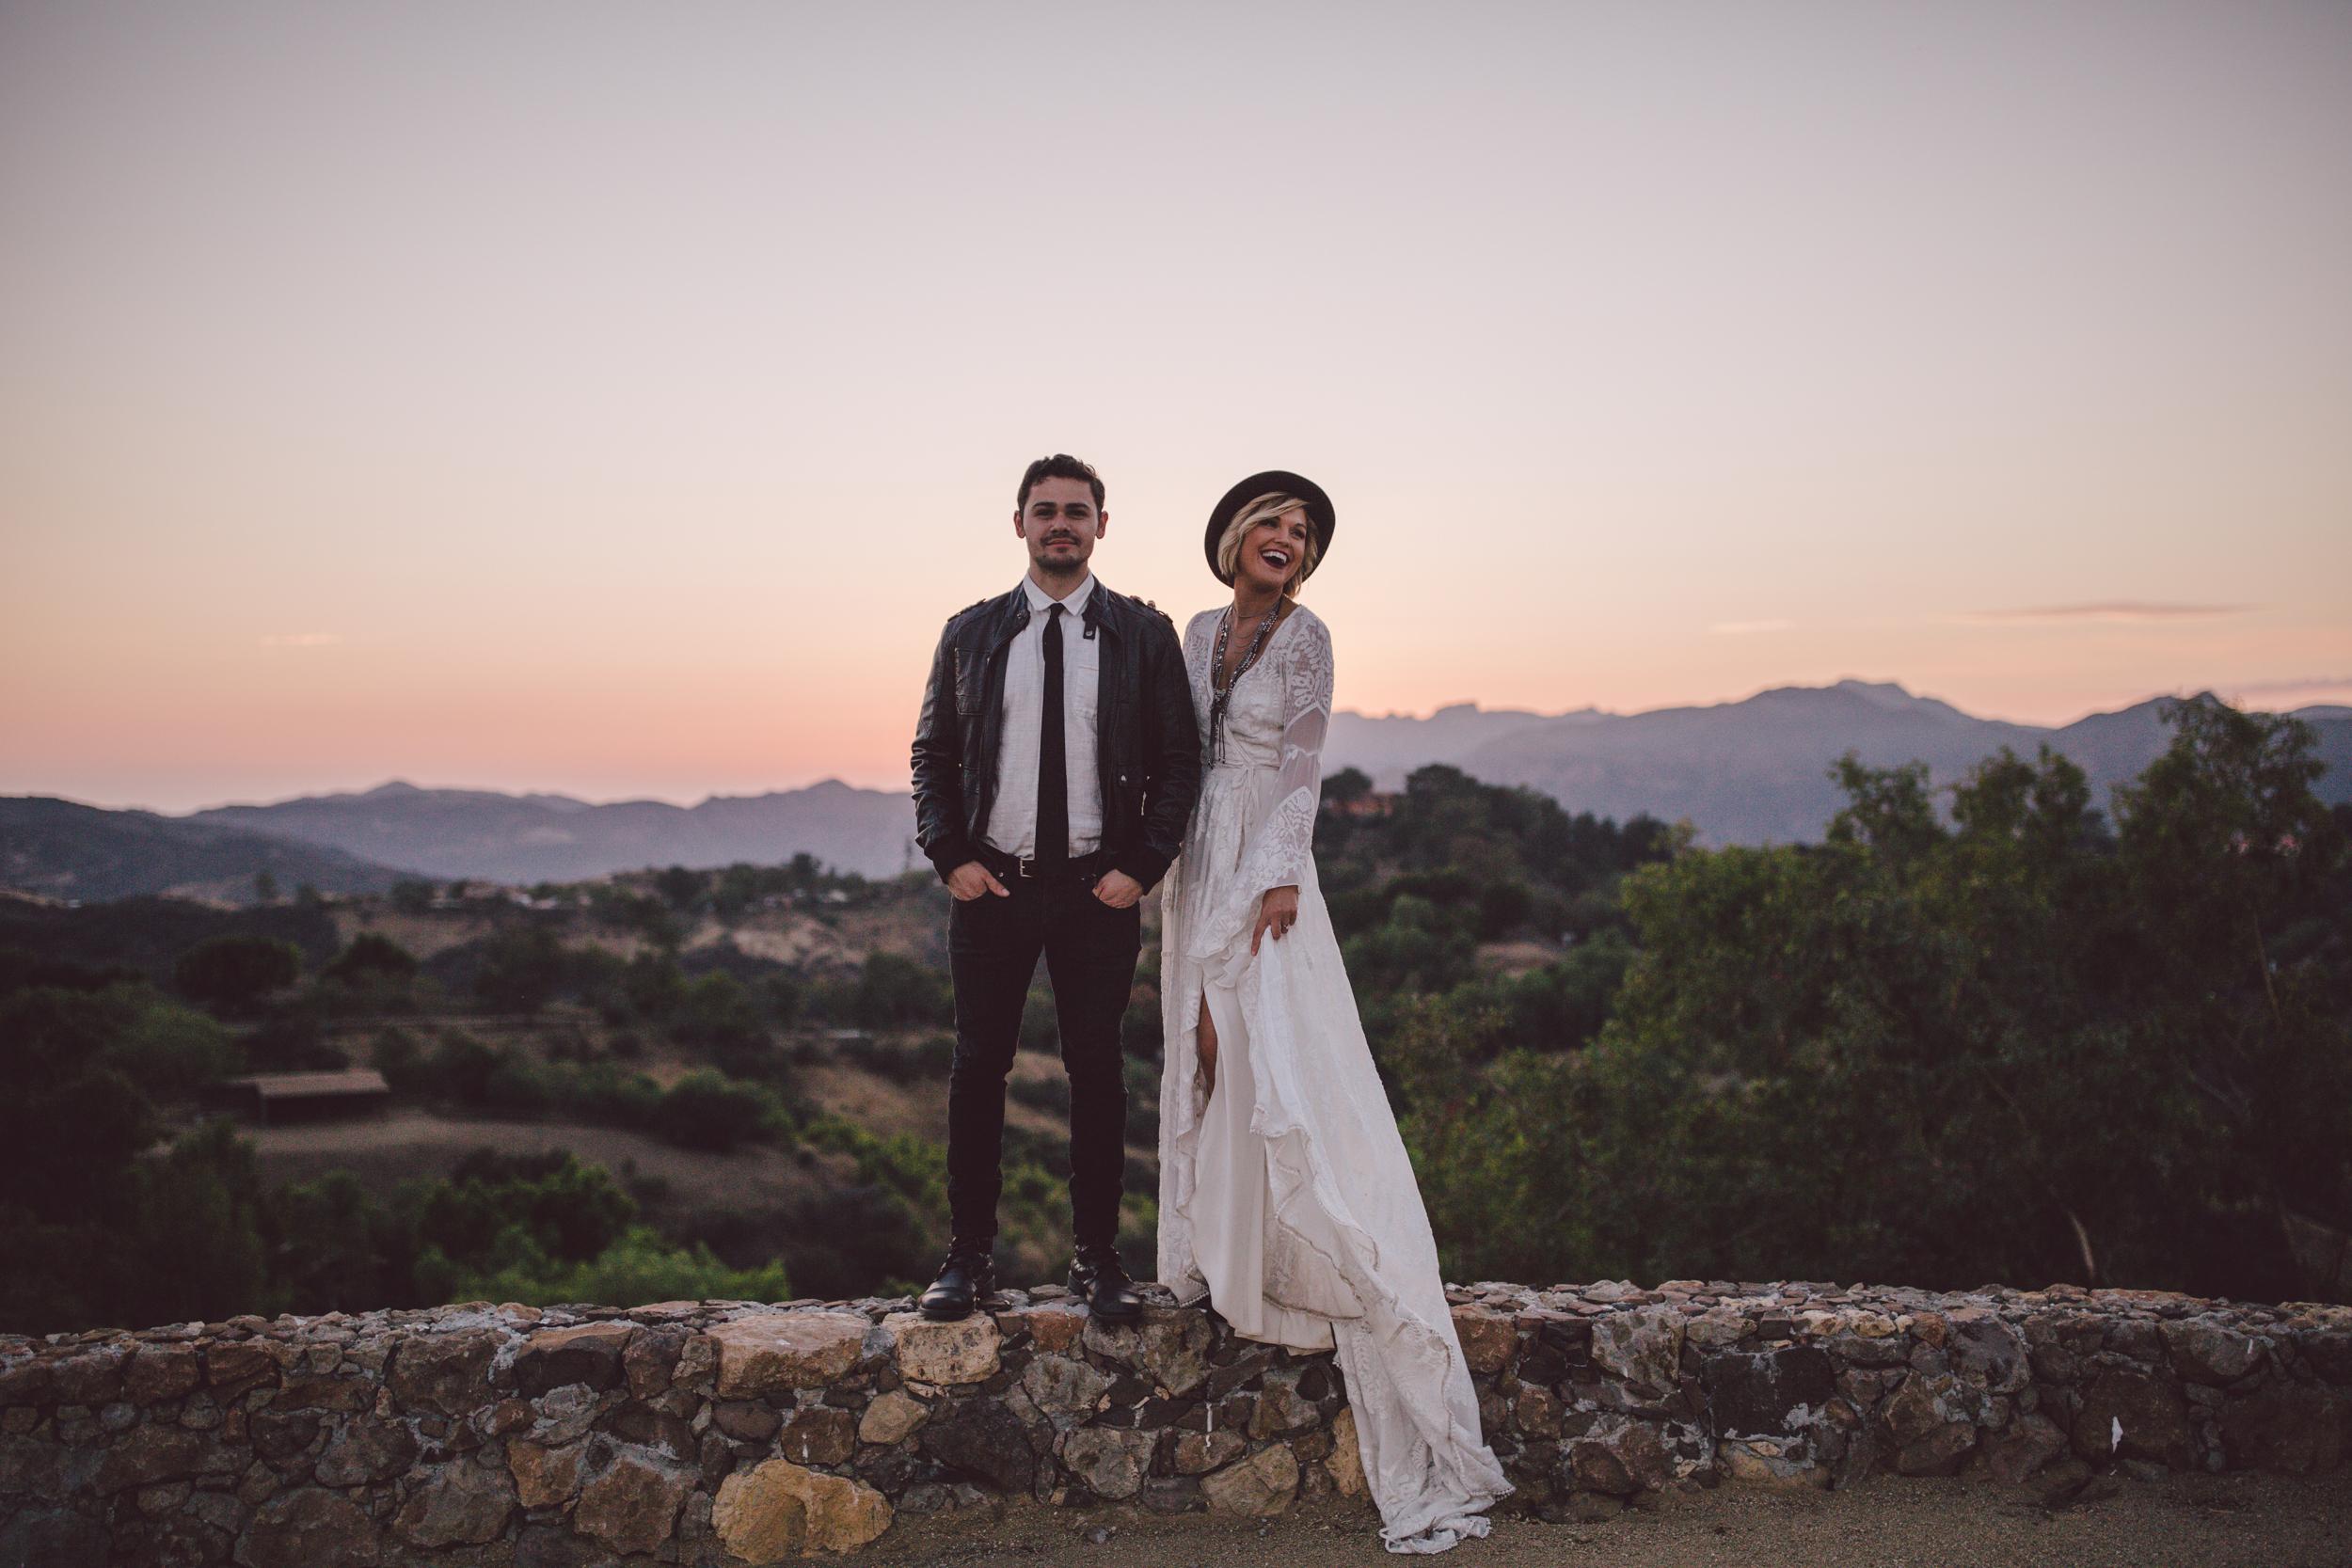 sunset-portraits-stonewall ranch-malibu-california-bohemian